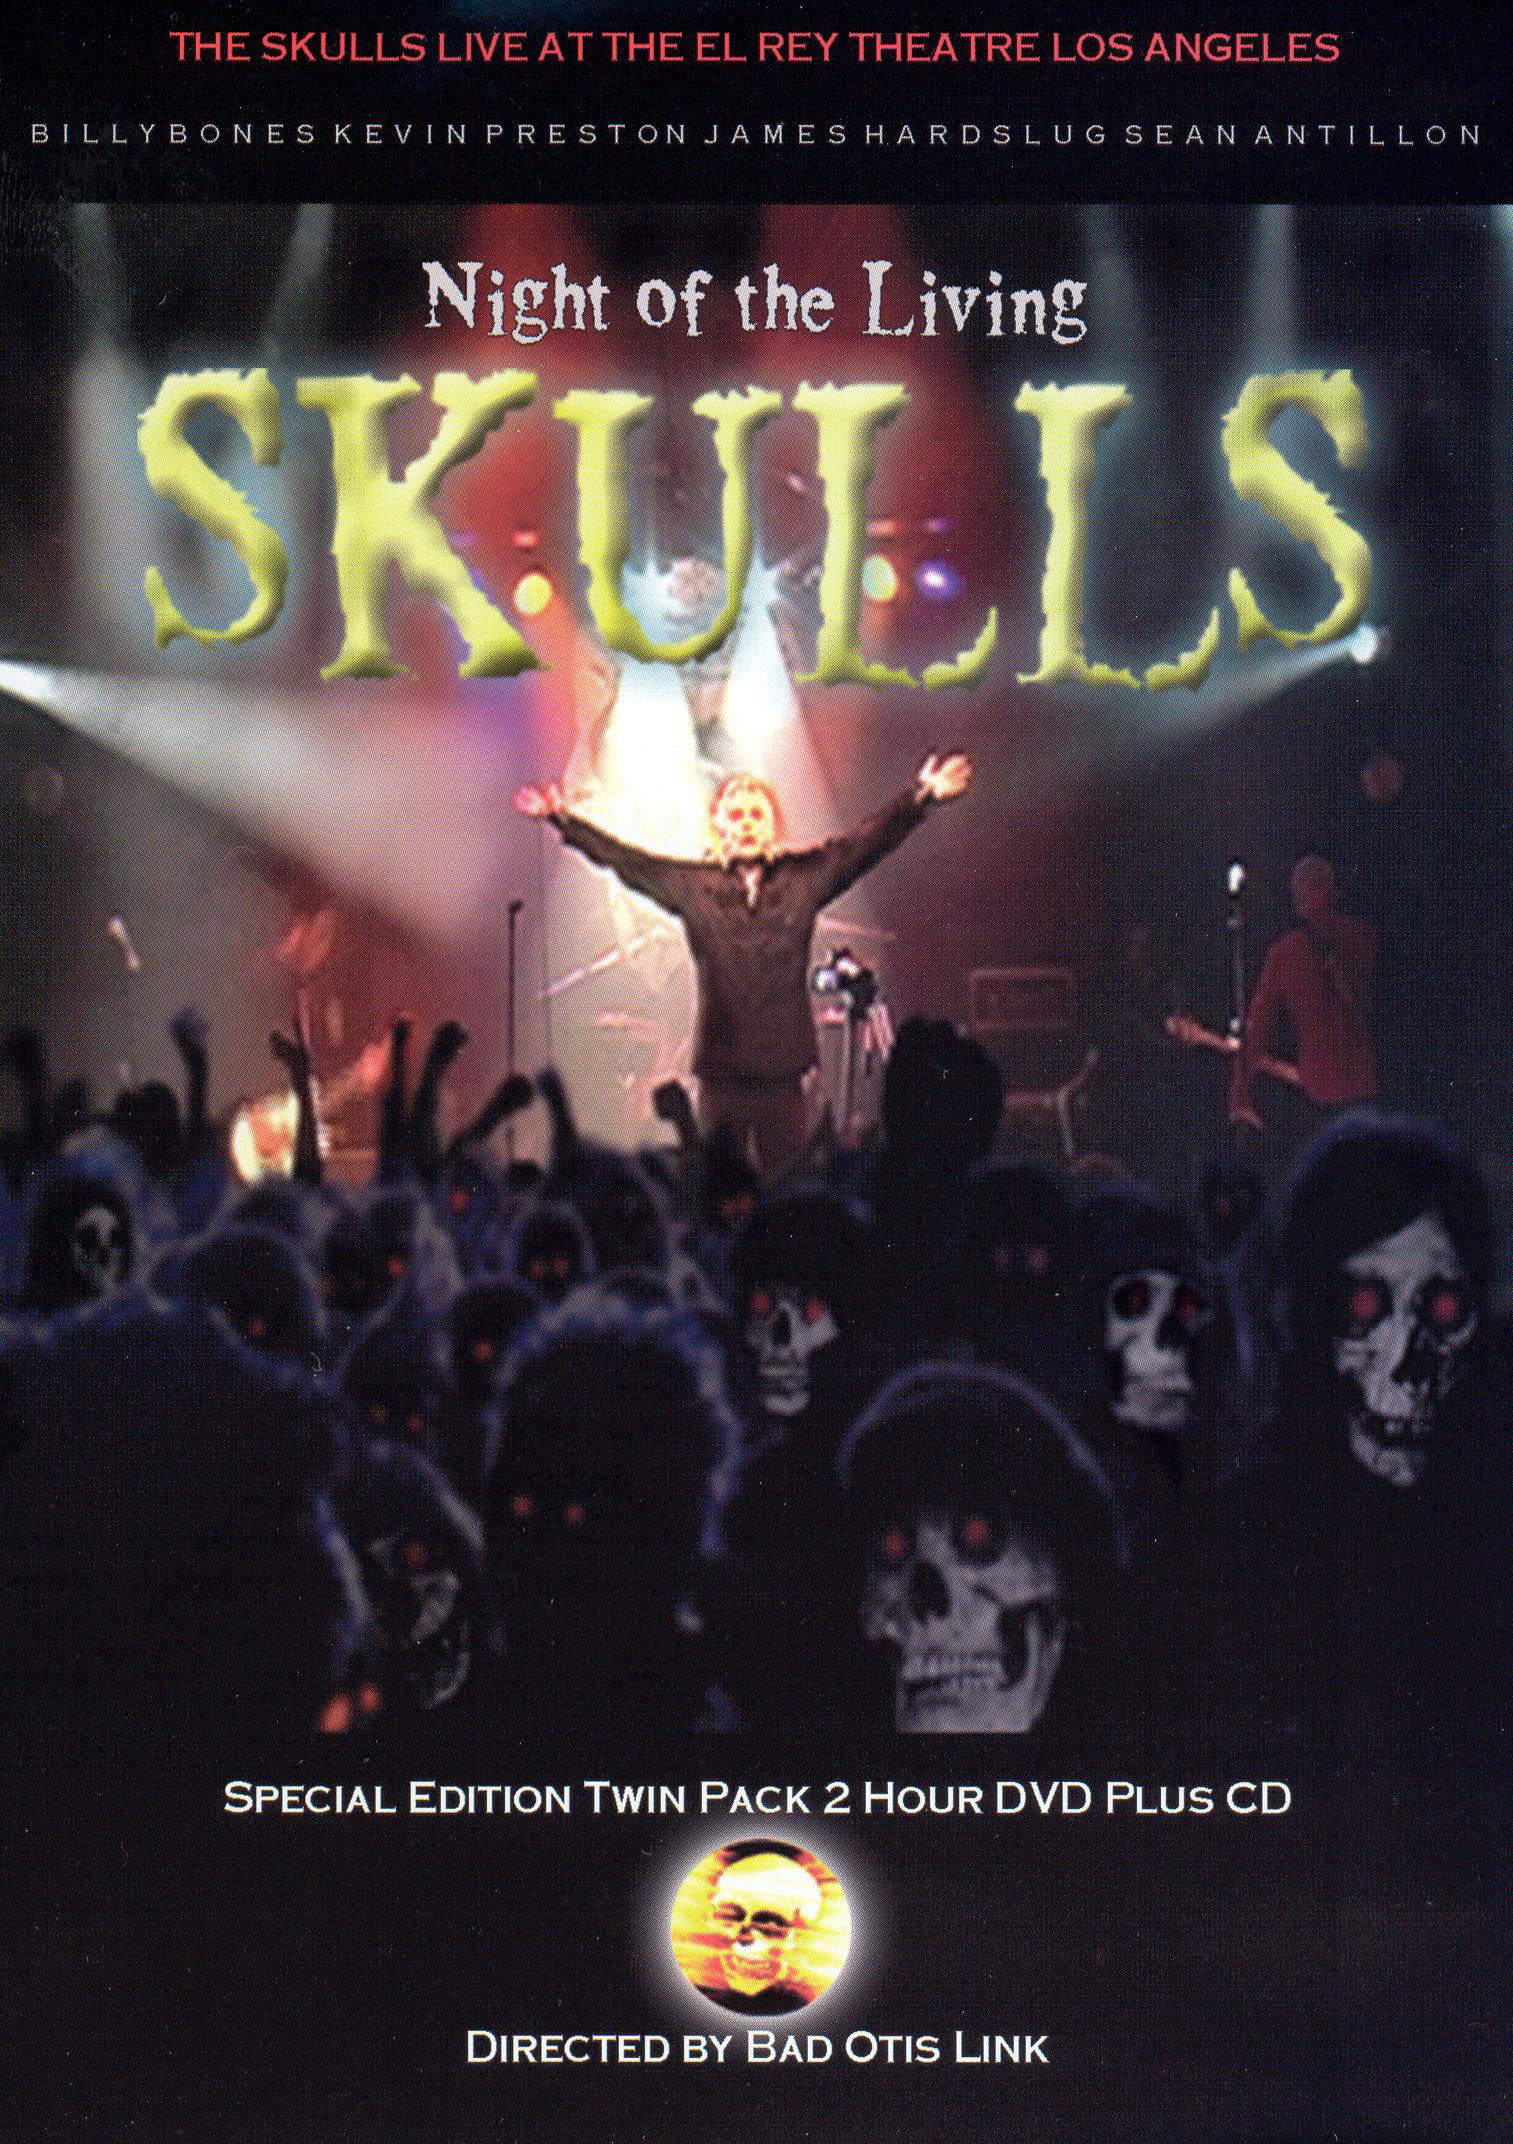 The Skulls: Night of the Living Skulls